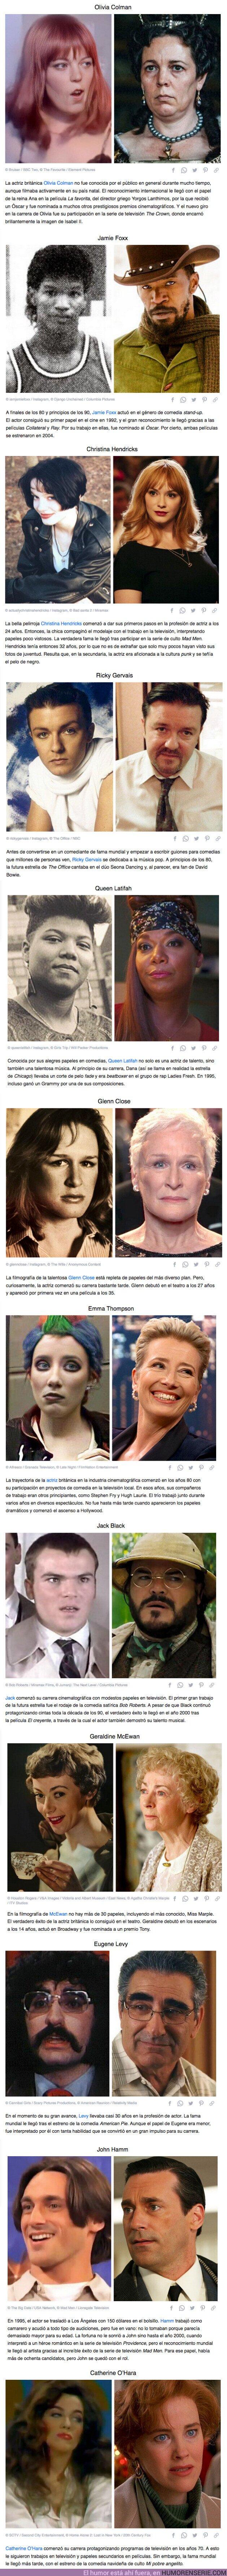 73152 - GALERÍA: Cómo lucían de jóvenes 12 actores de películas que casi todos hemos visto